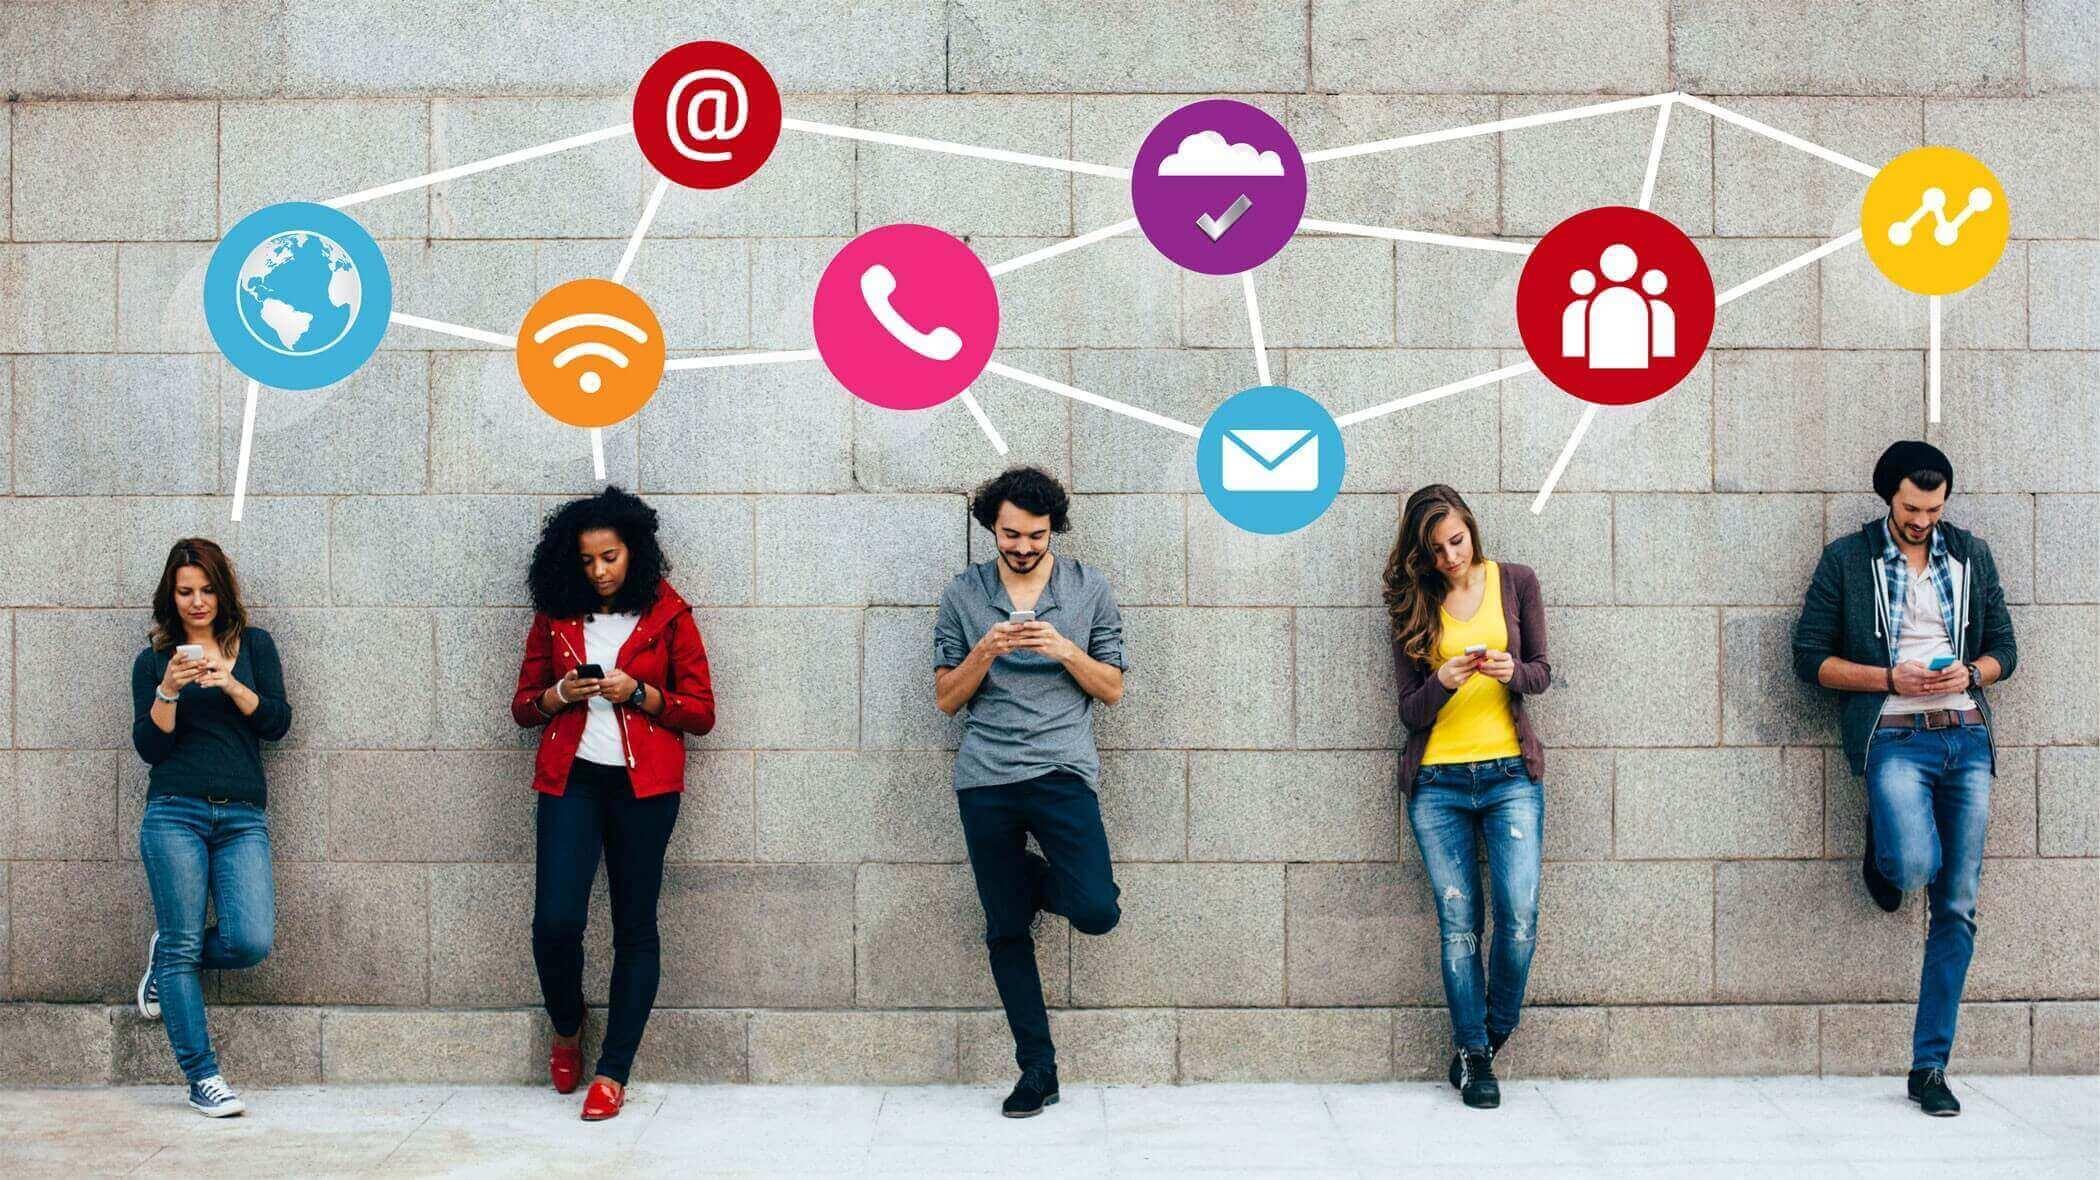 общение с подписчиками в соцсетях